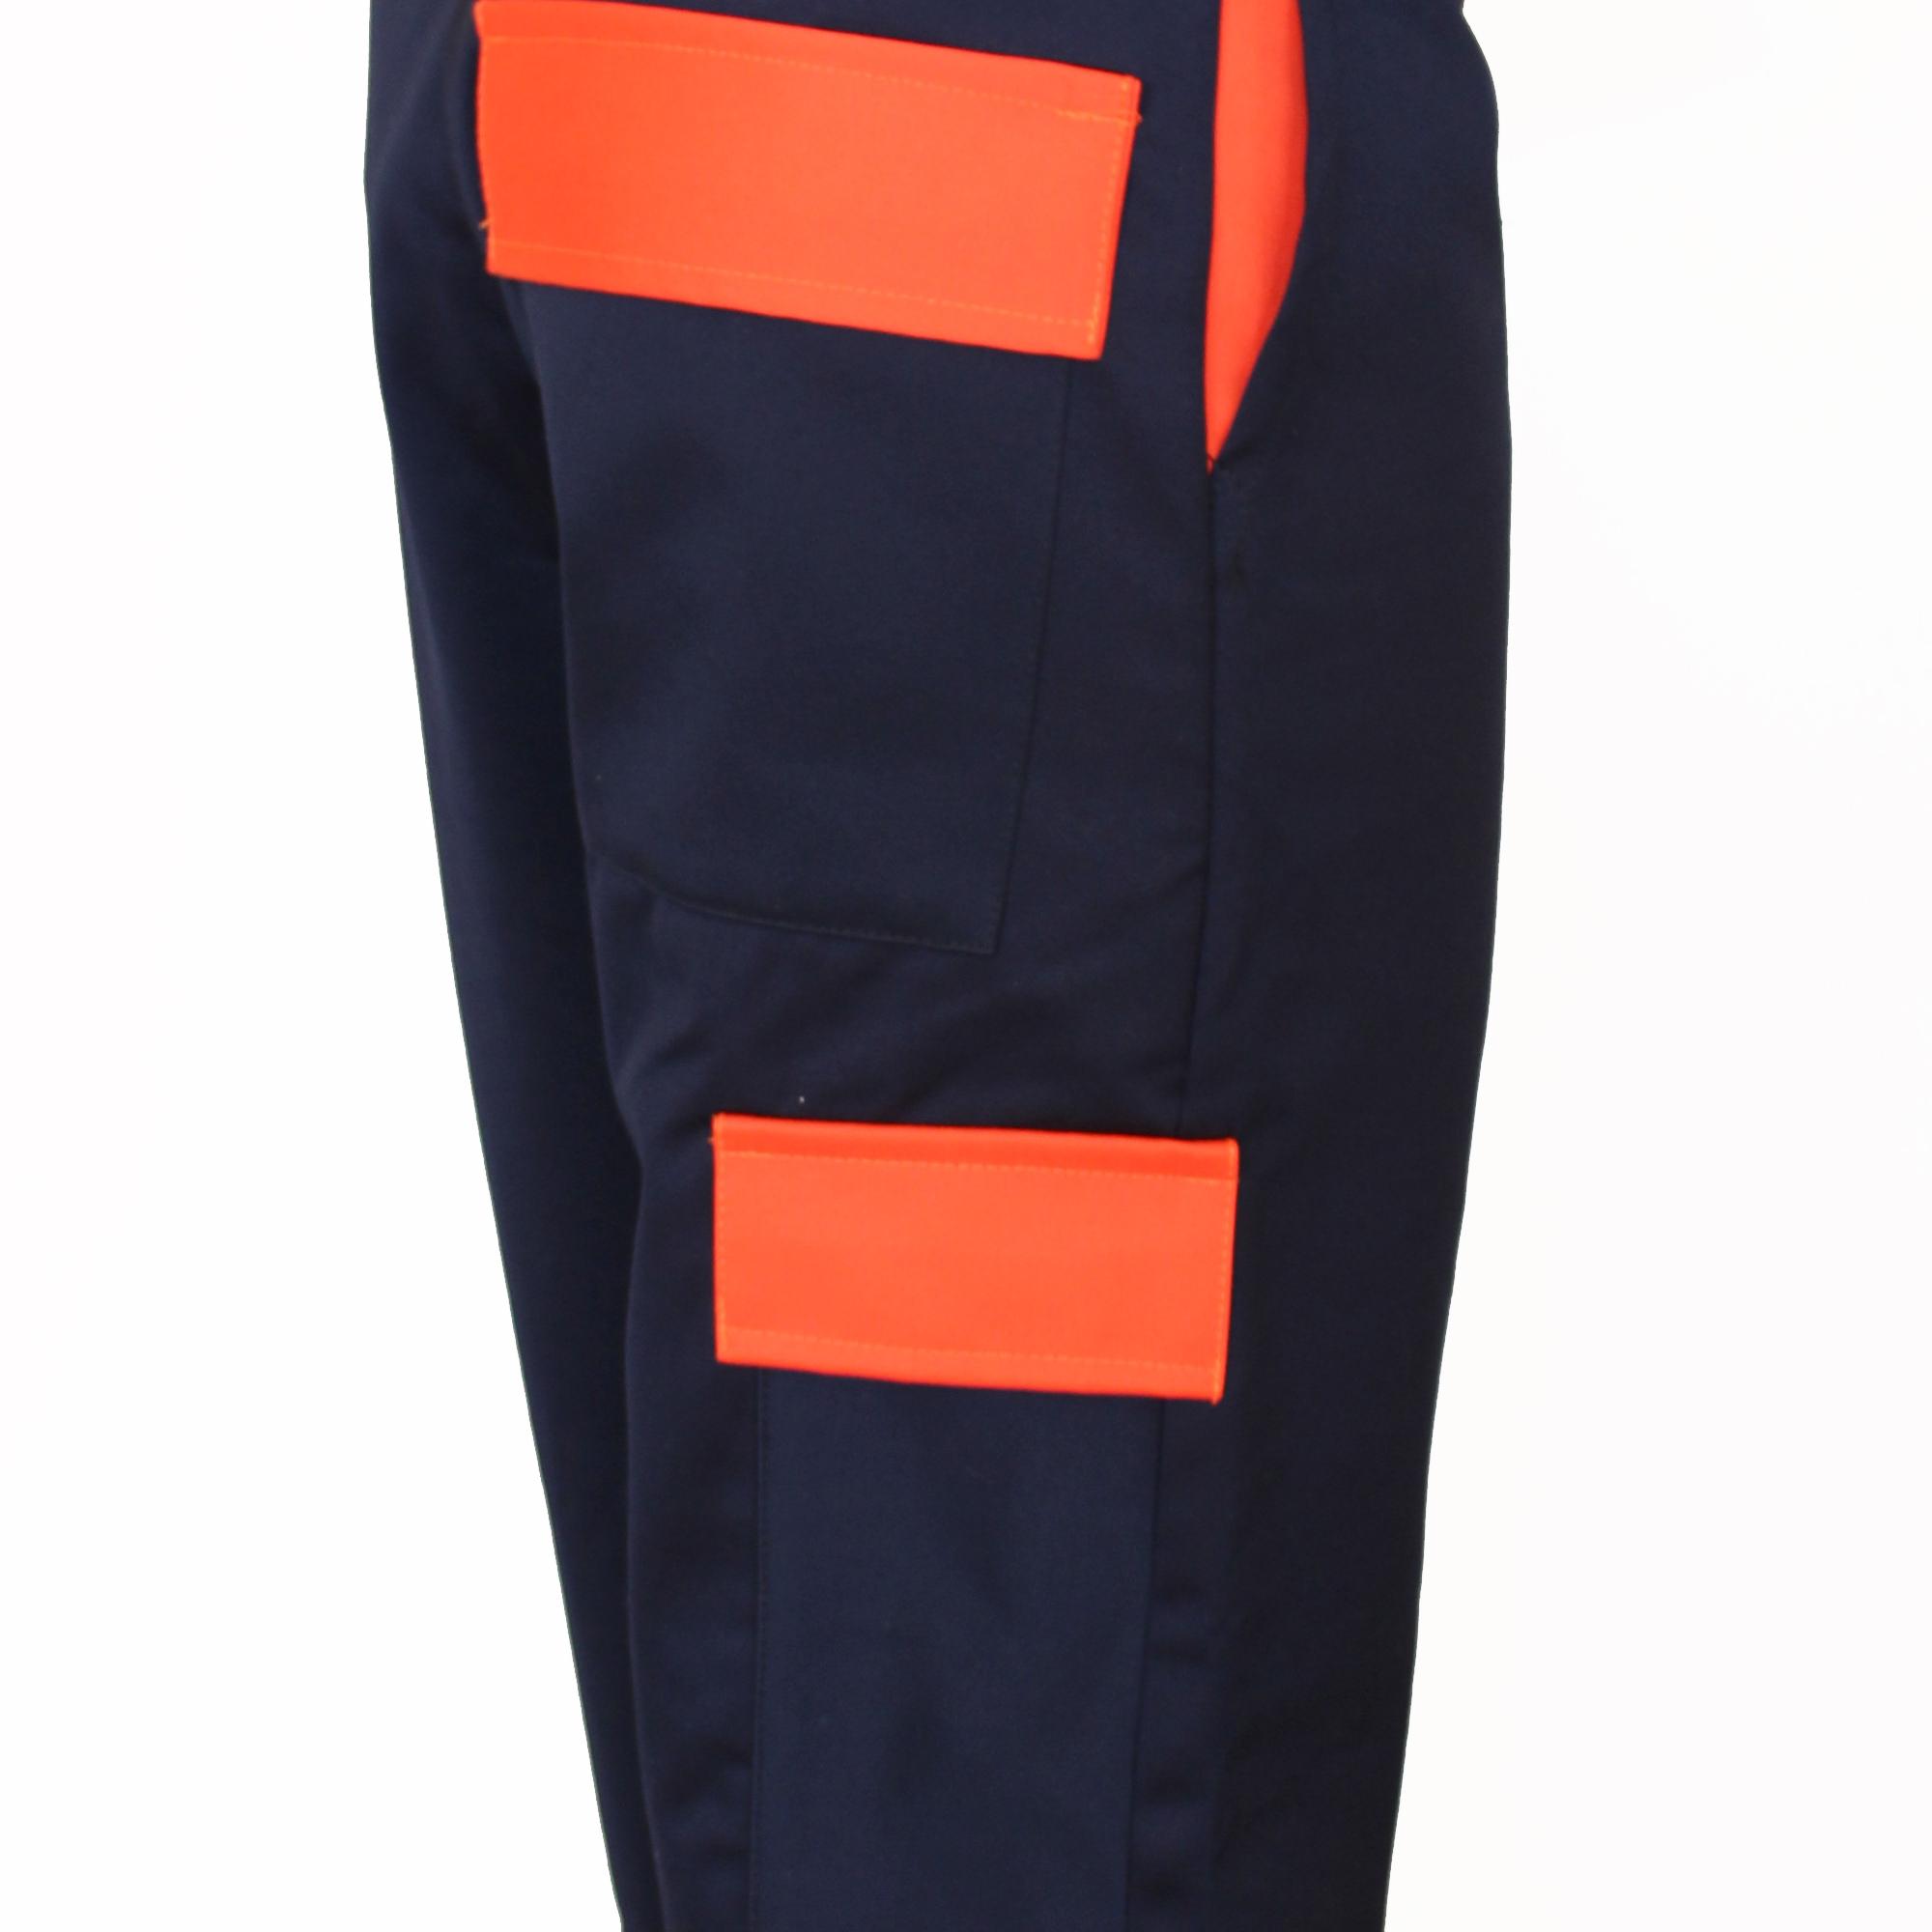 kieszenie w ubraniu xispal 841